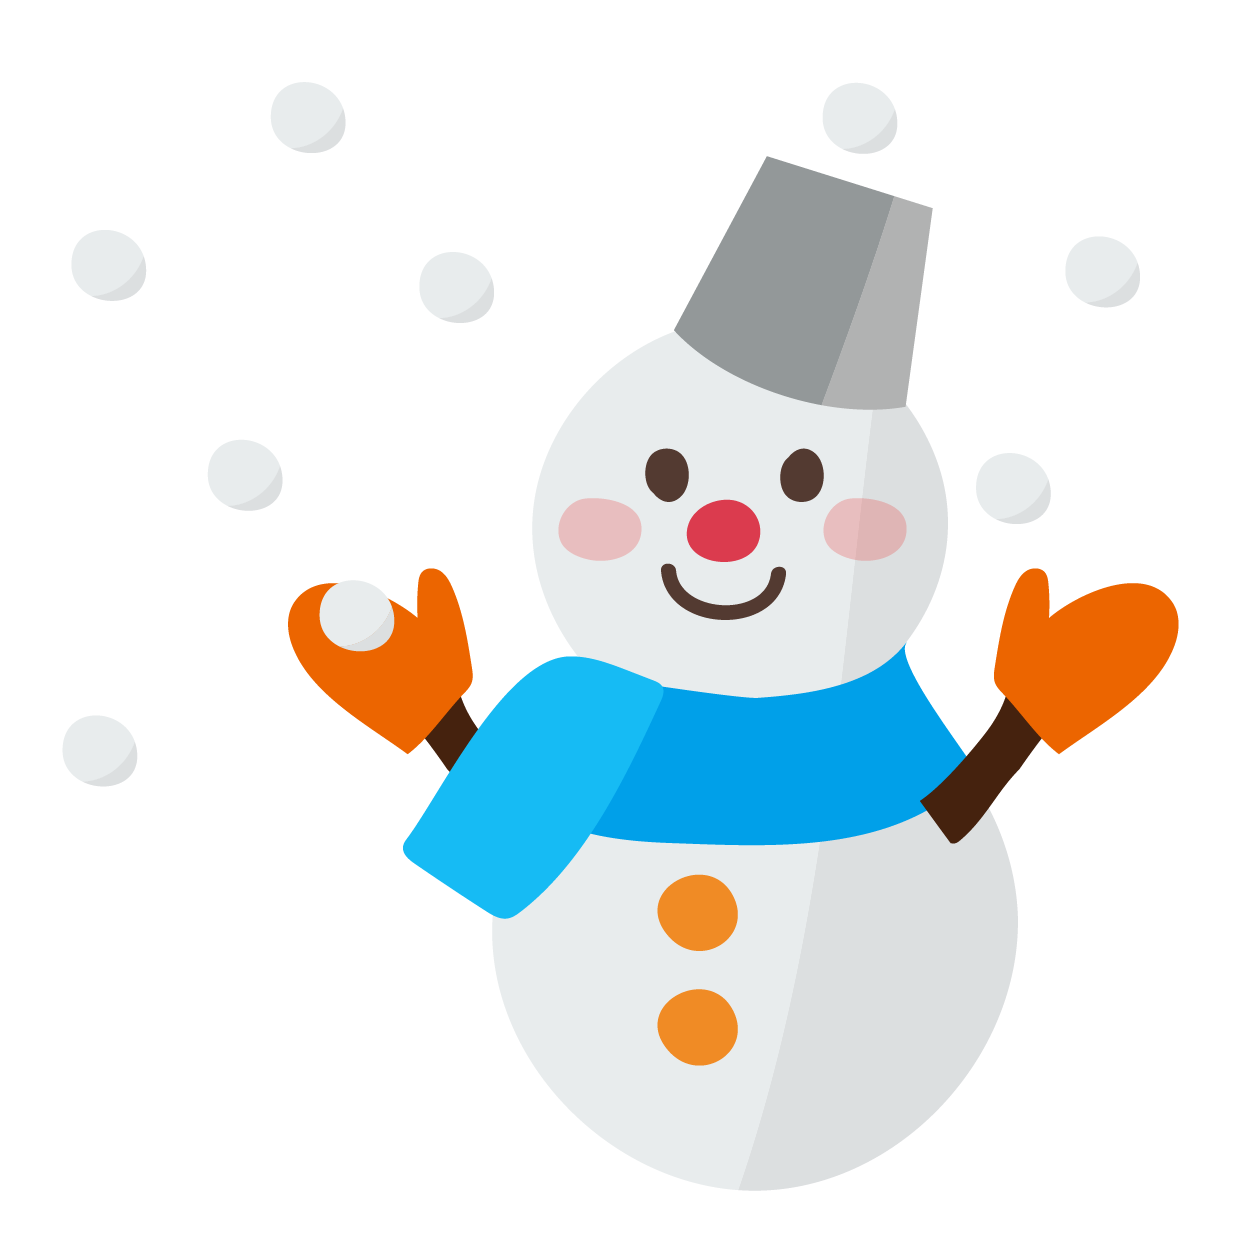 雪の日の雪だるまのイラスト天気 商用フリー無料のイラスト素材